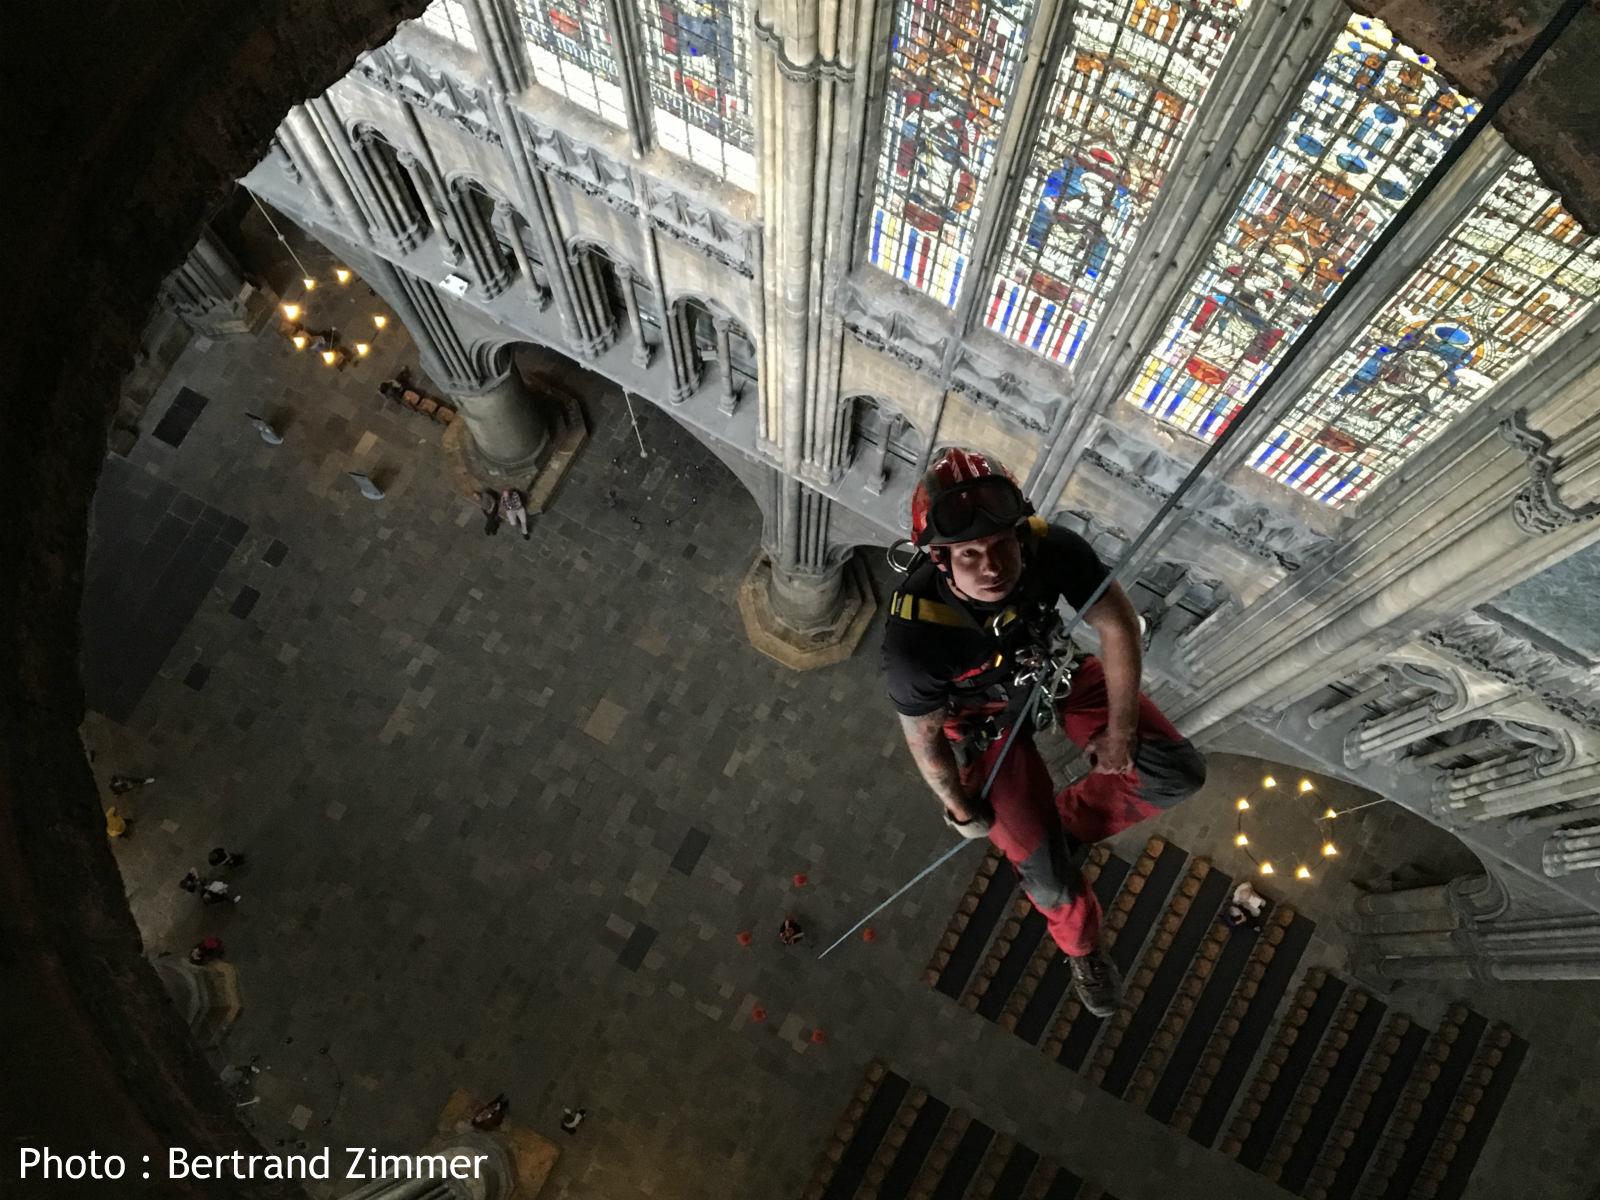 Blessés graves à la Cathédrale de Metz : exercice spectaculaire des pompiers à 50m de hauteur (photos et vidéos)